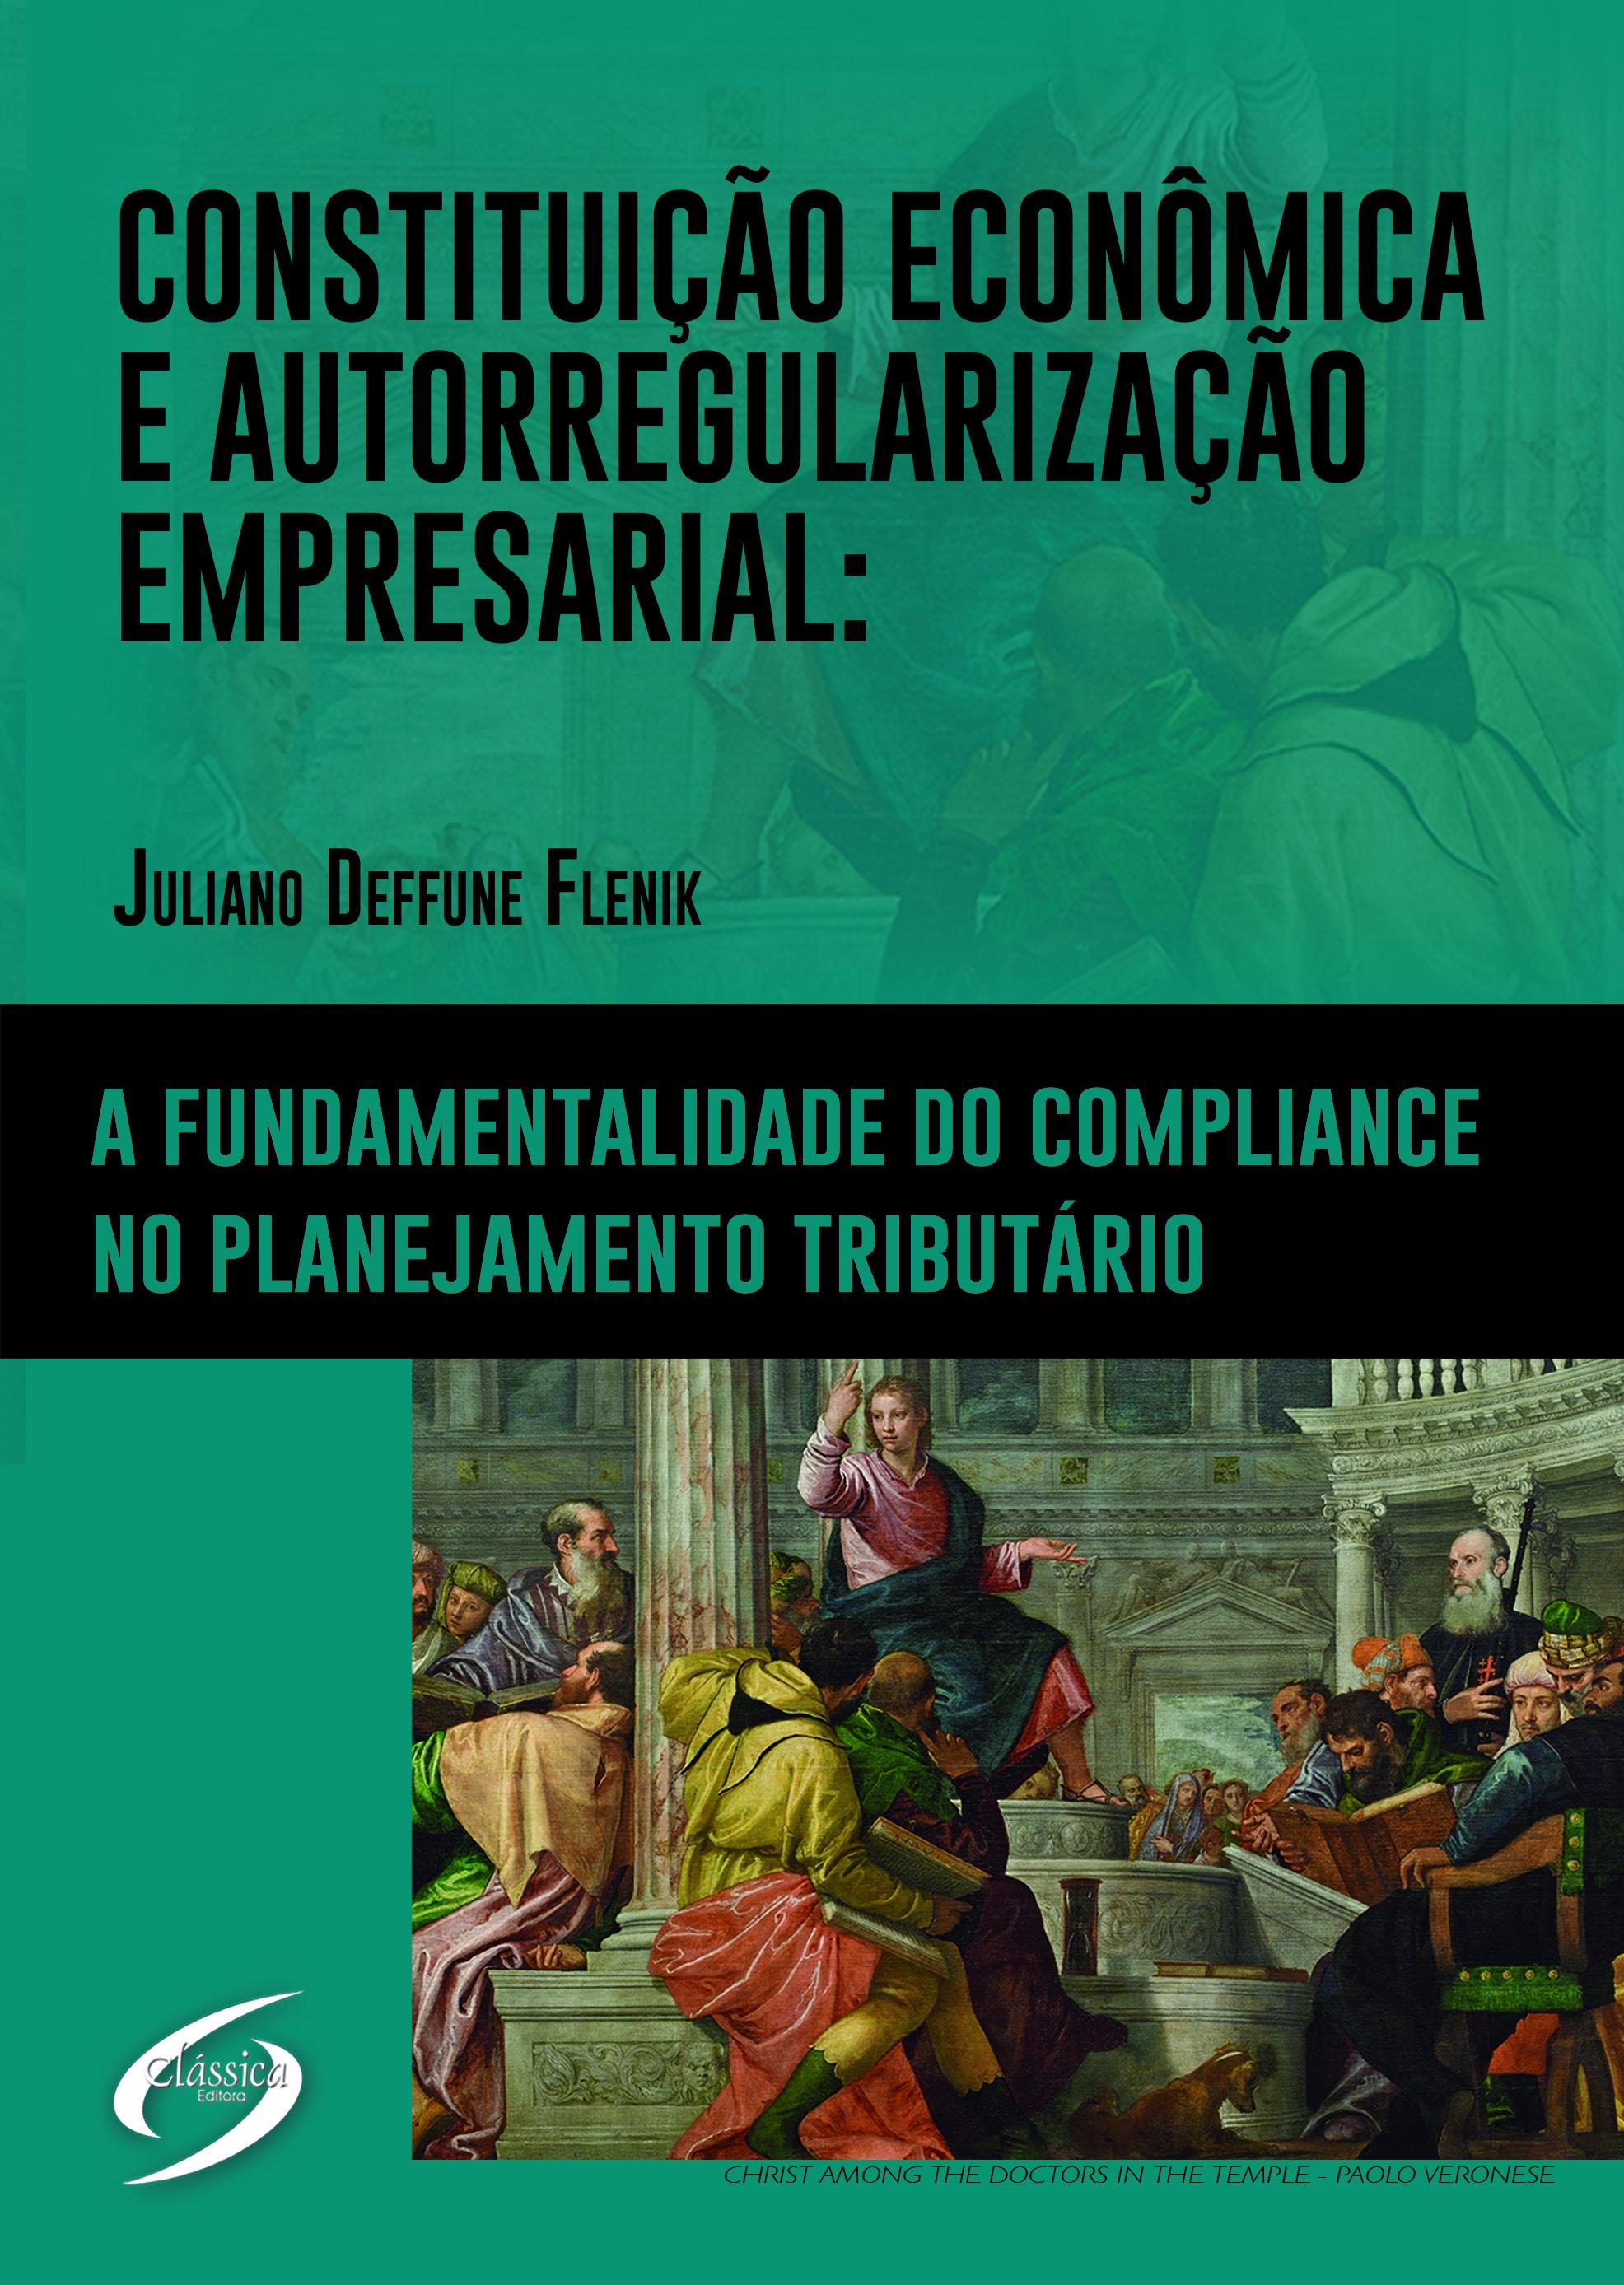 Constituição Econômica e Autorregularização Empresarial: A Fundamentalidade do Compliance no Planejamento Tributário